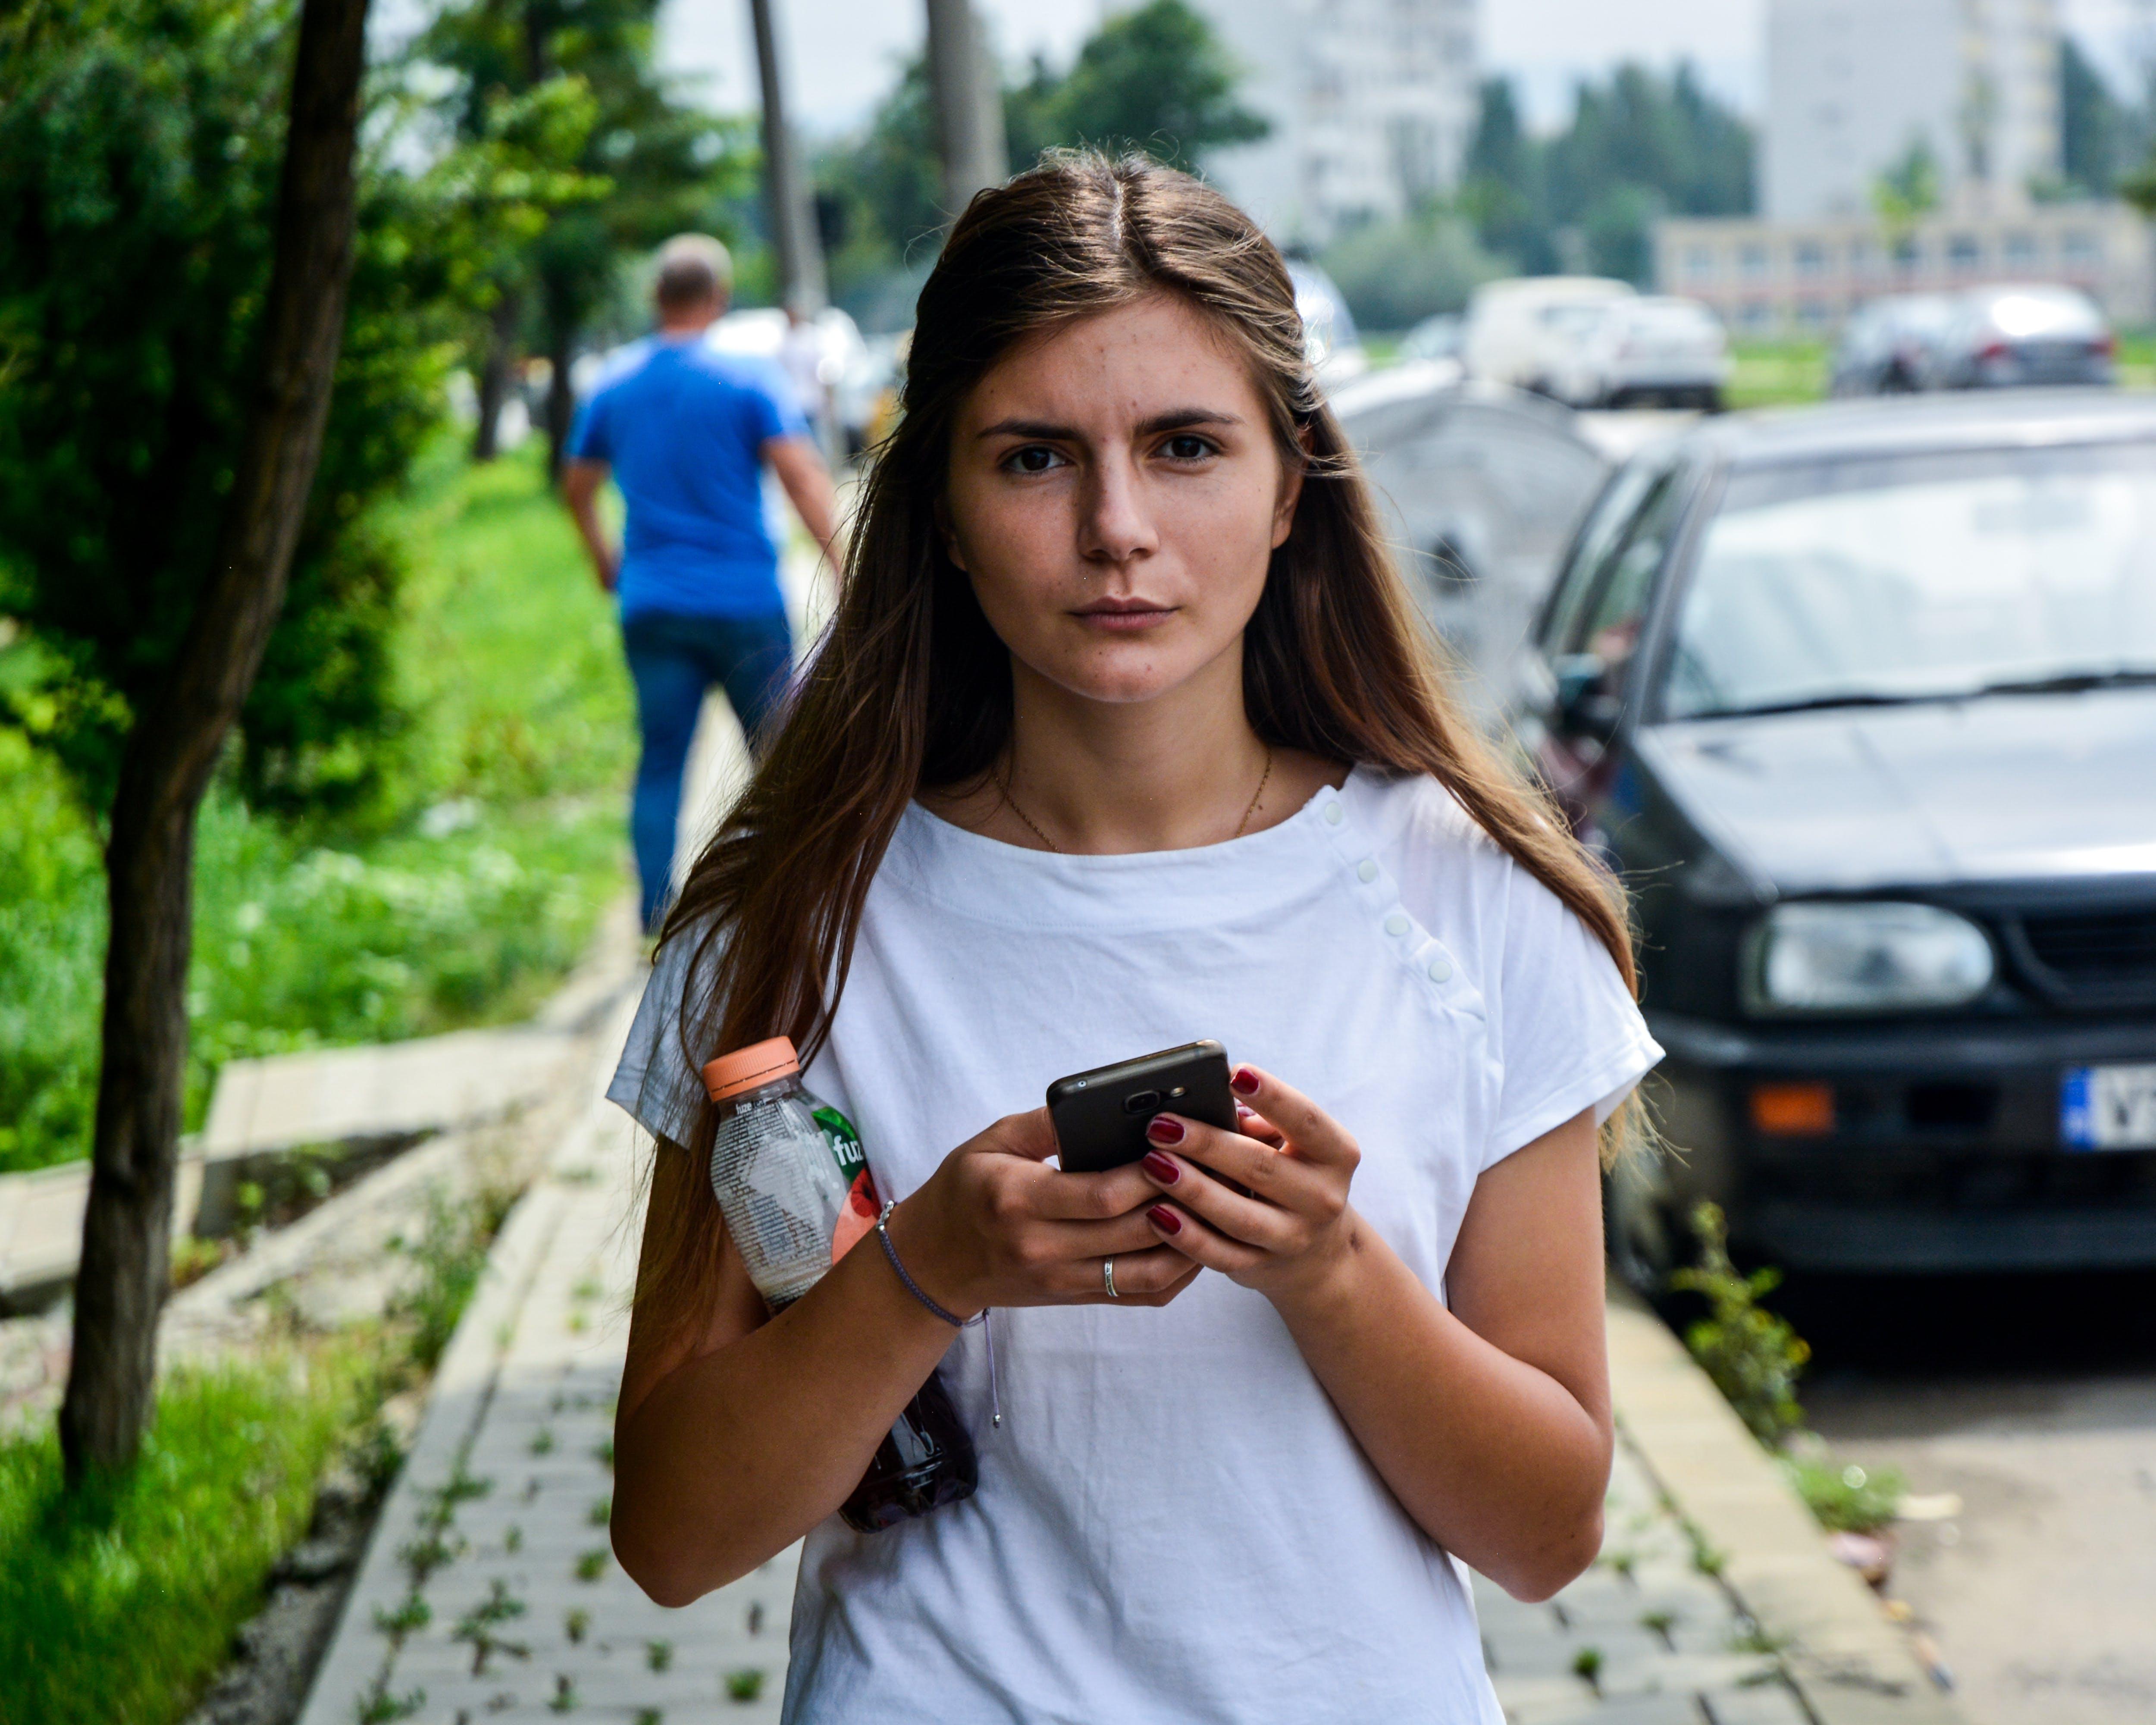 Gratis lagerfoto af kvinde, person, Pige, smartphone